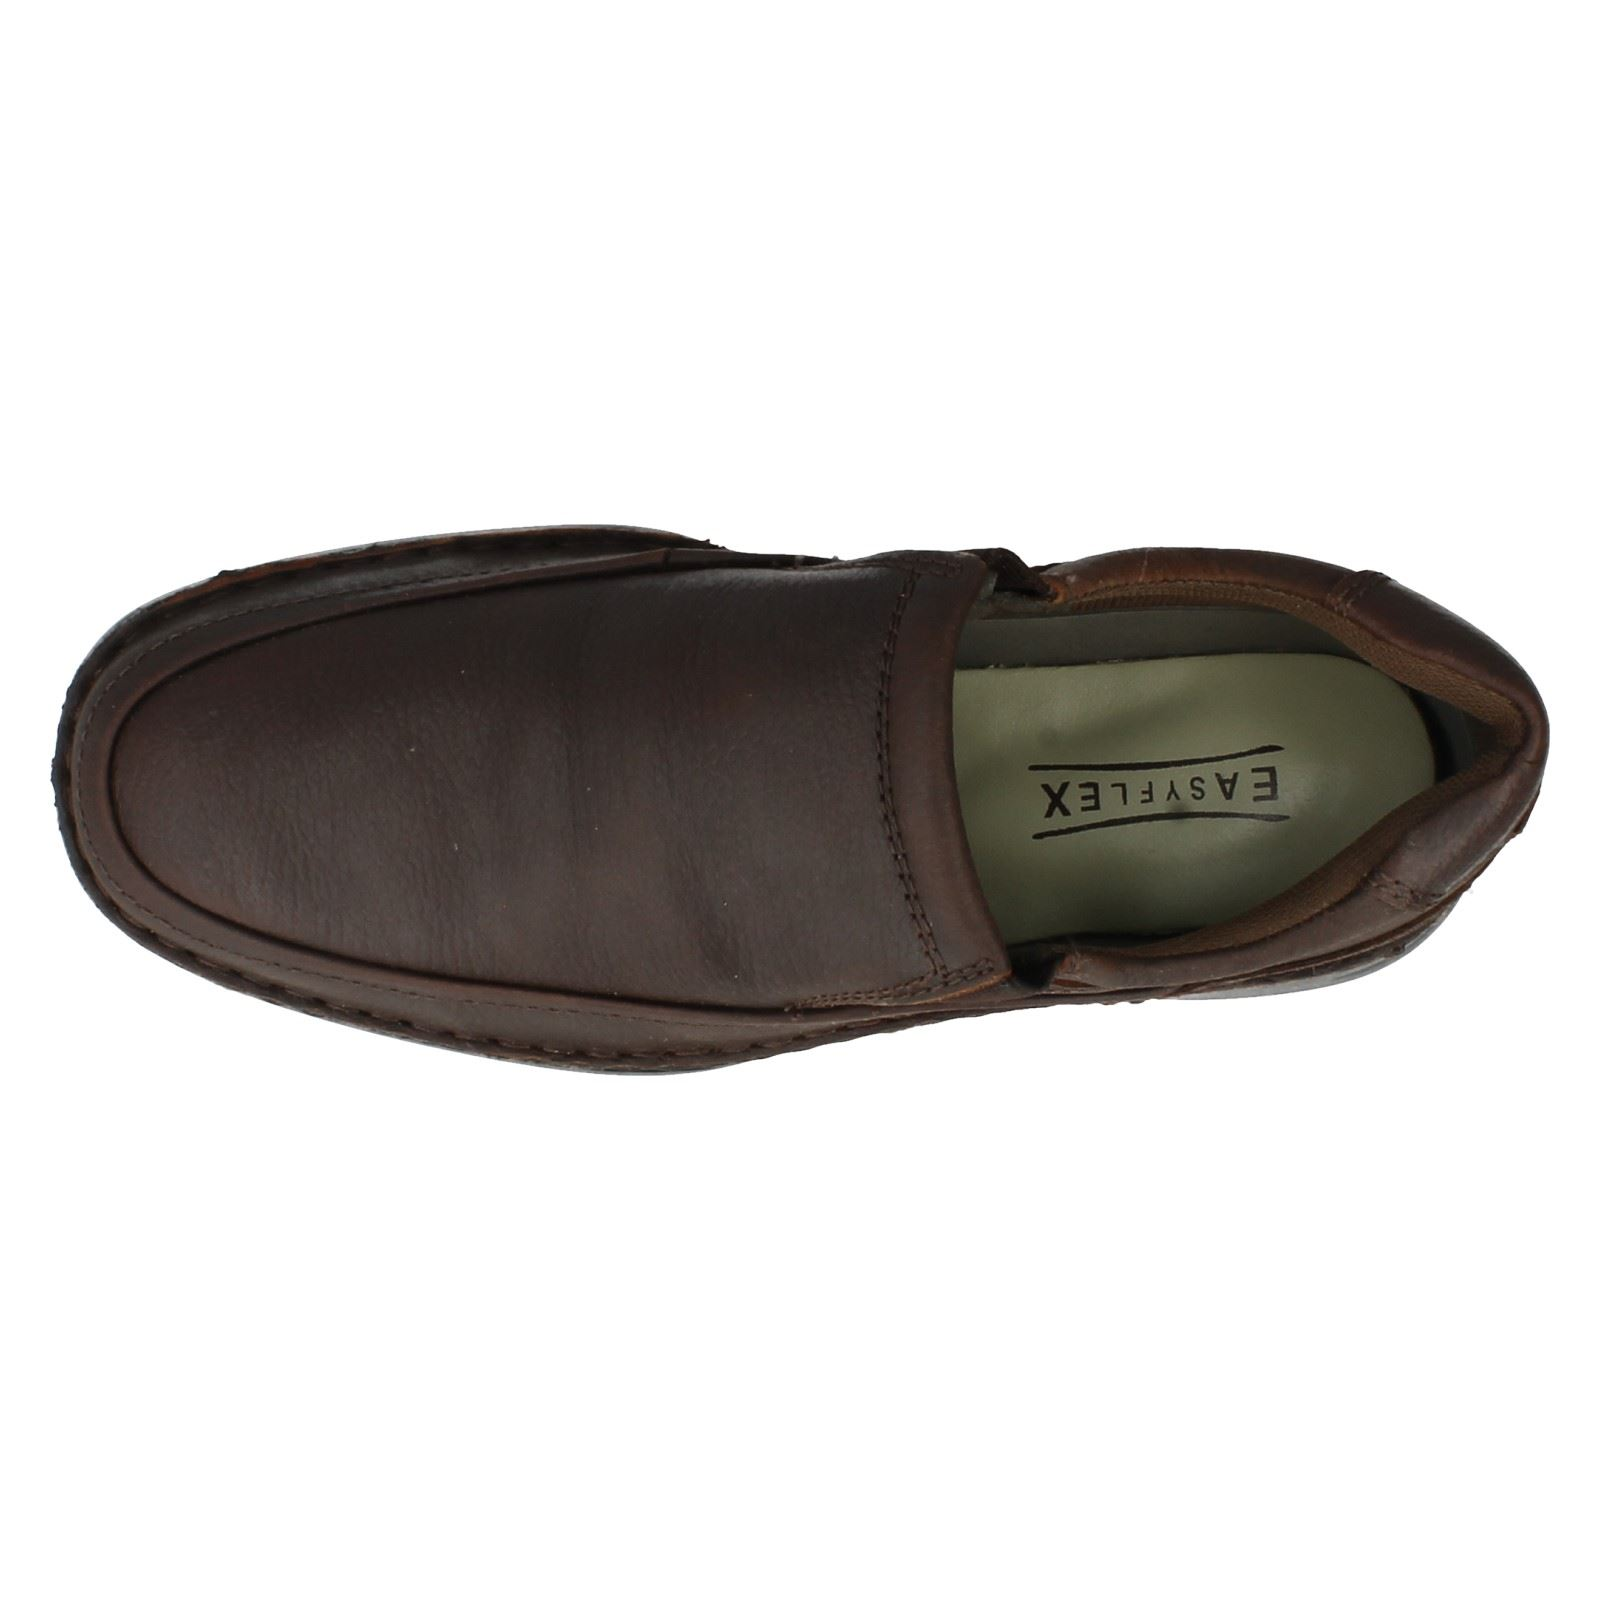 Para Hombre easyflex Zapatos Etiqueta 32009